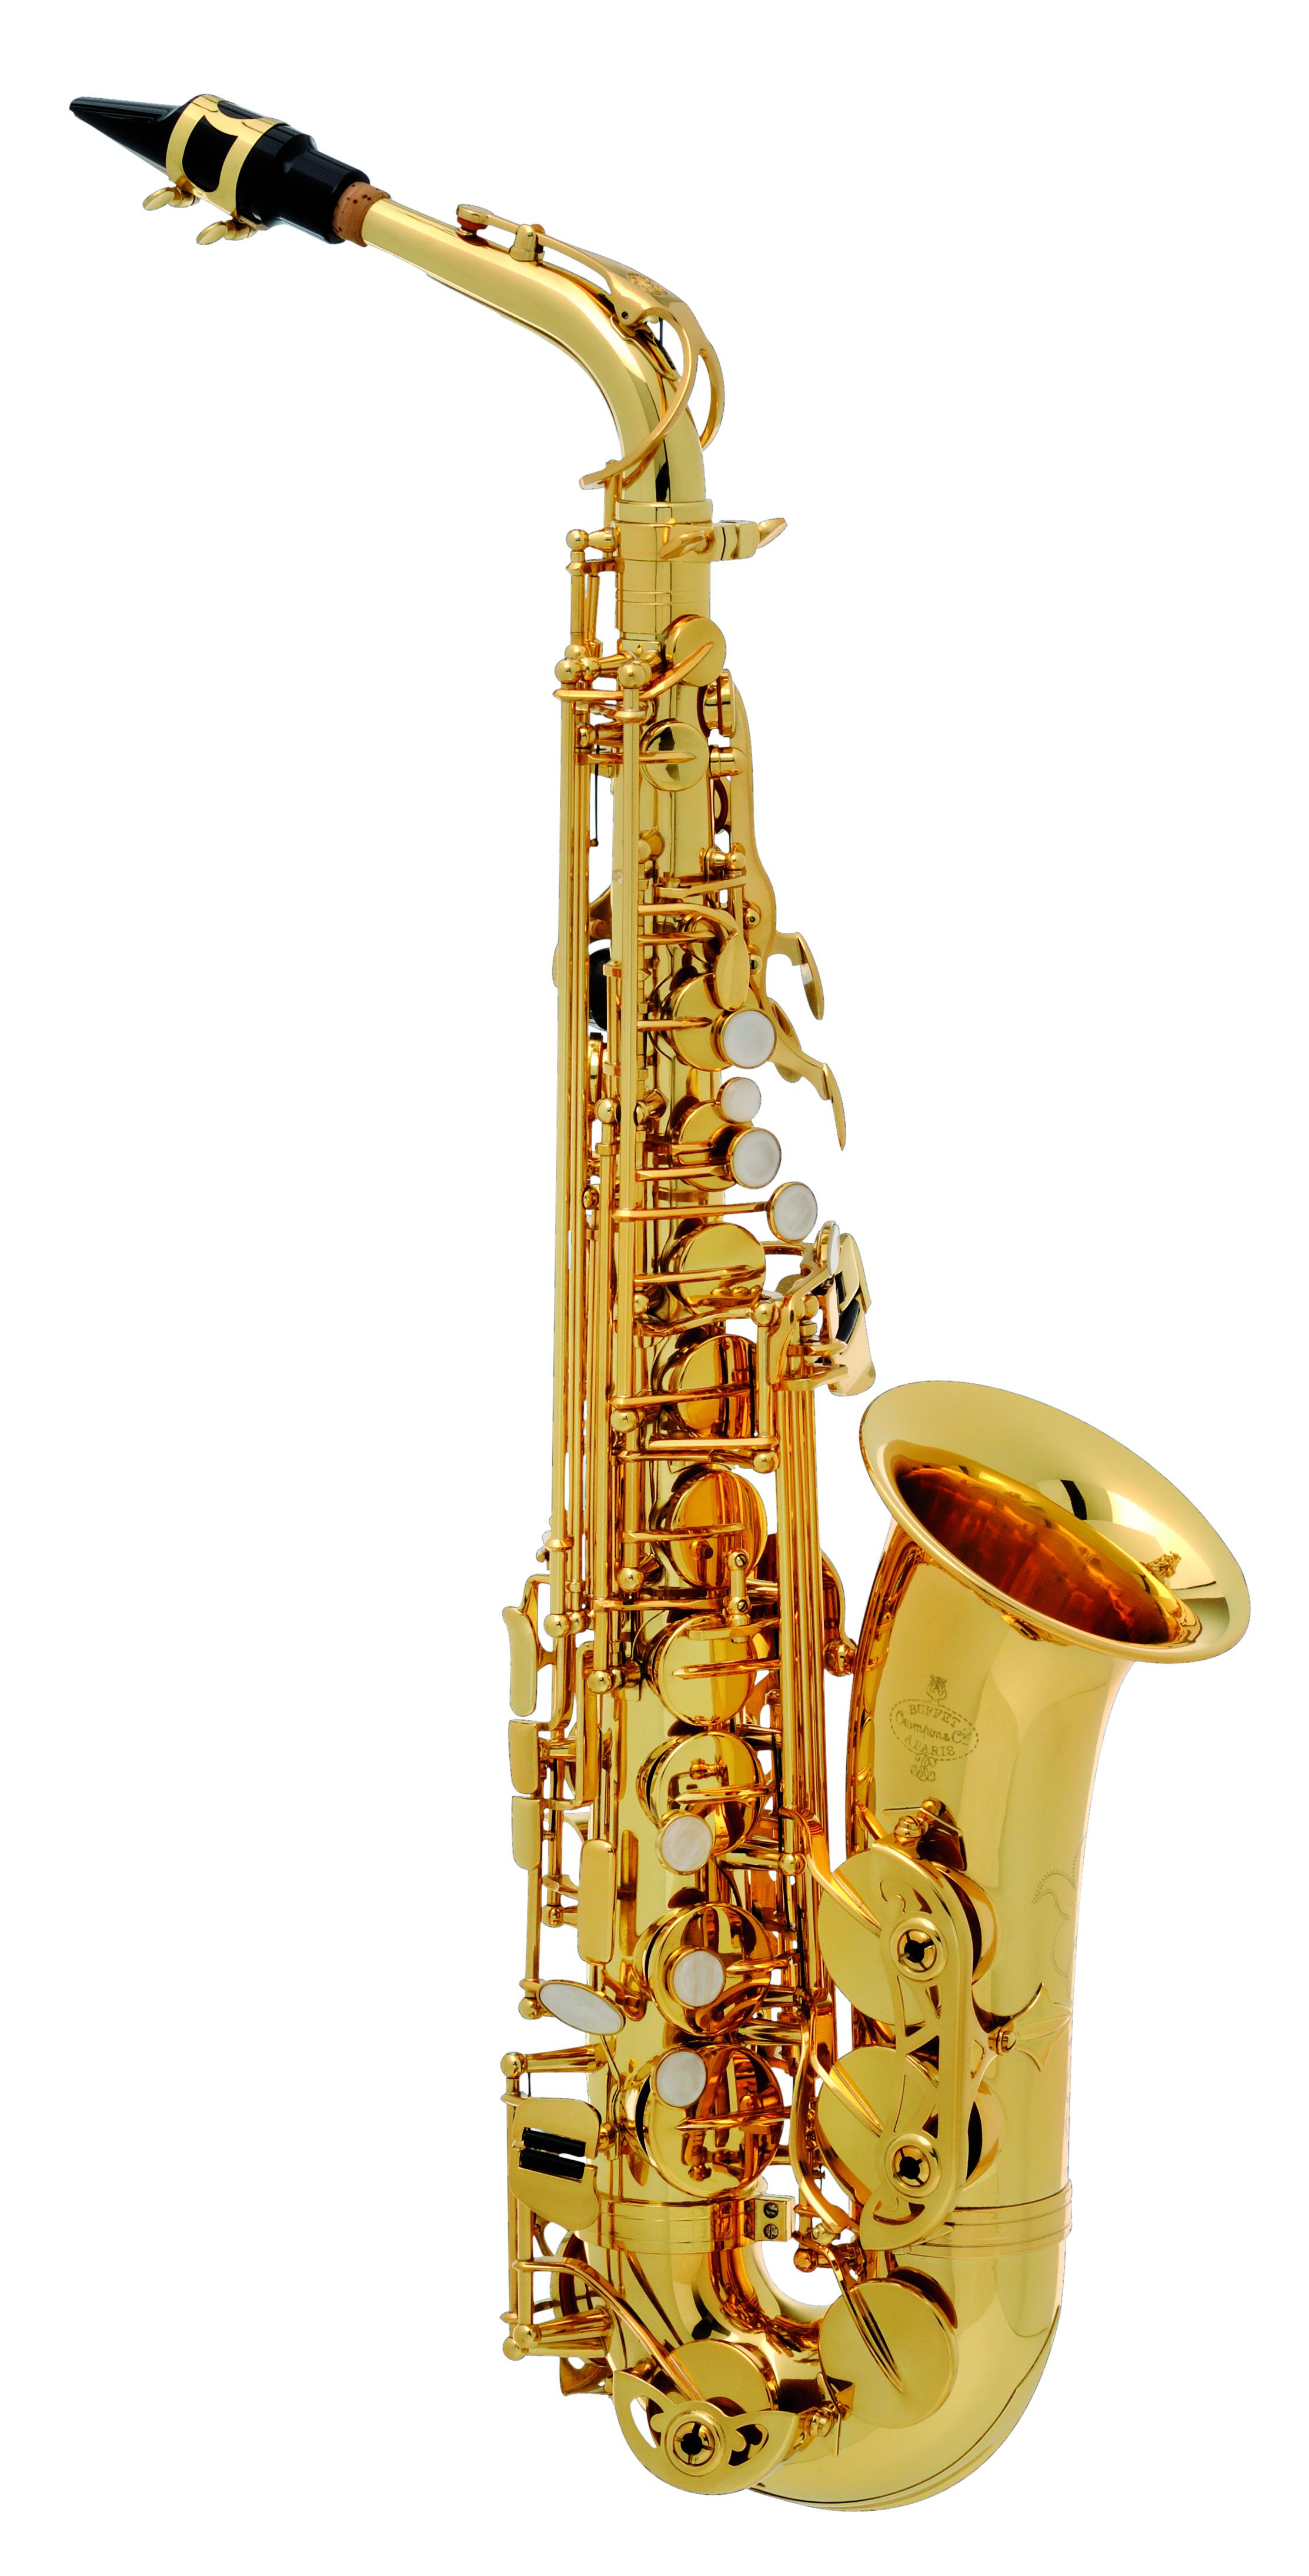 Buffet - BC-8101-1-0 - Serie 100 - Holzblasinstrumente - Saxophone | MUSIK BERTRAM Deutschland Freiburg